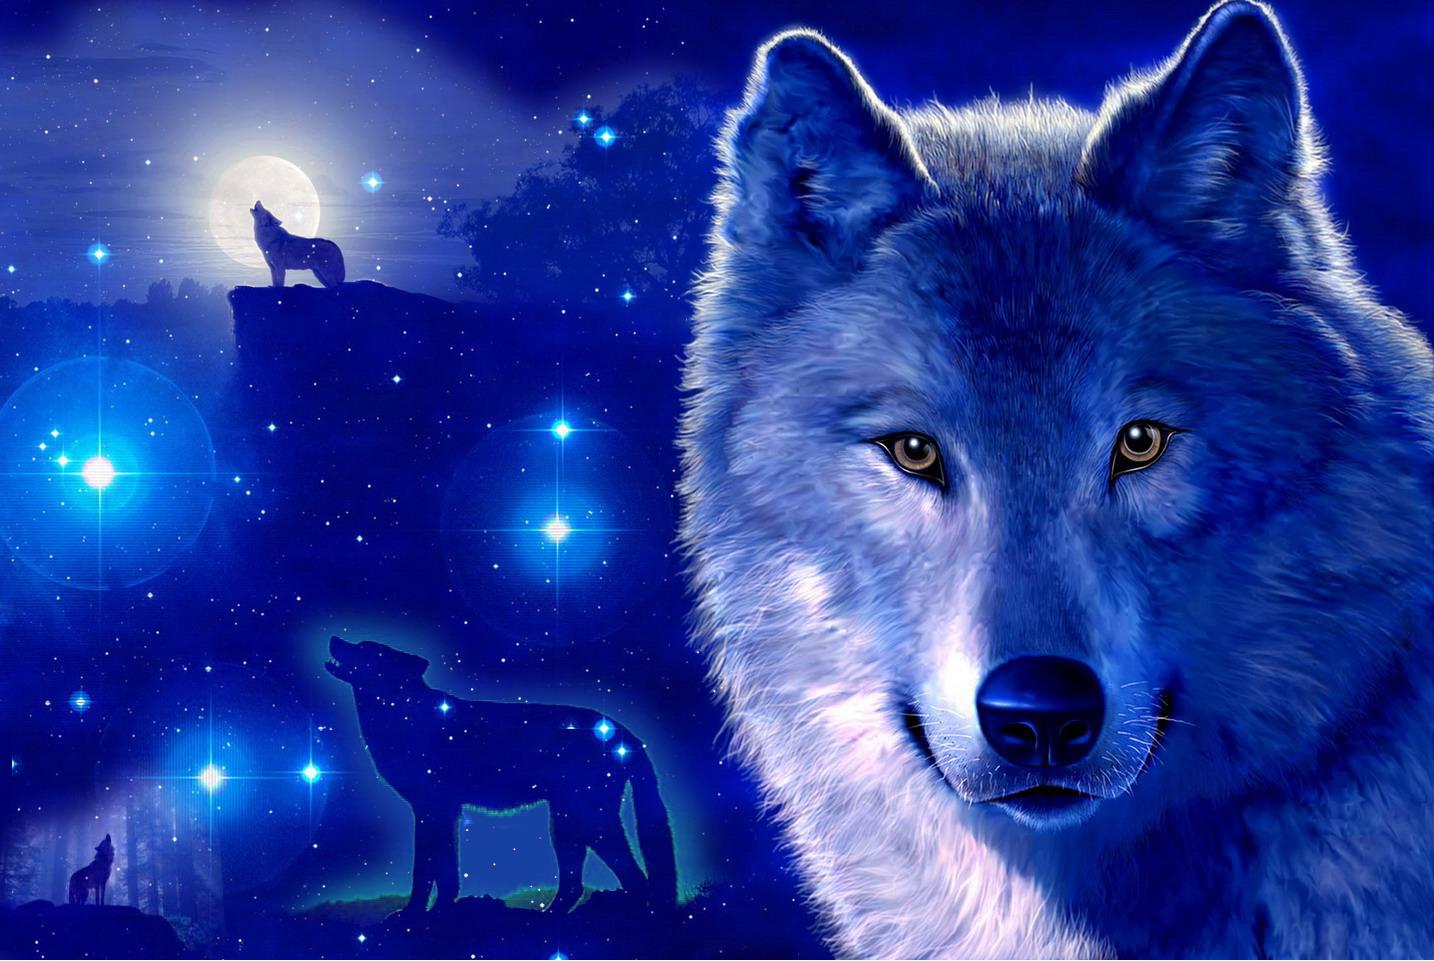 fondos de lobos con movimiento fondos de pantalla